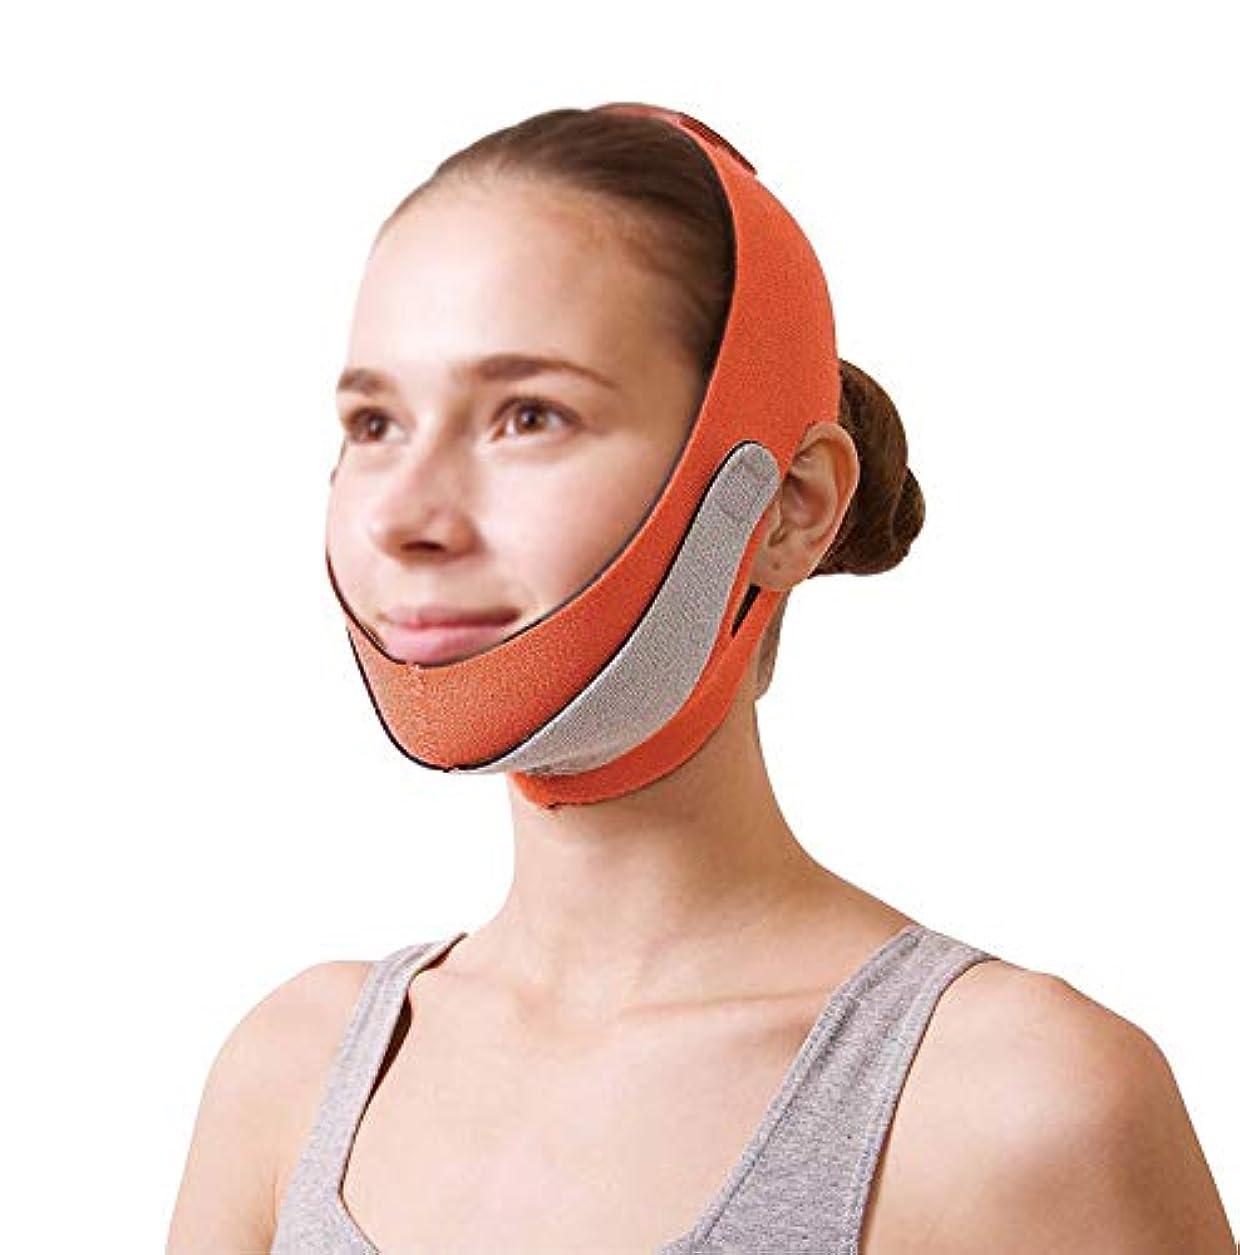 急行する差別的関与するフェイスリフトマスク、あごストラップ回復ポスト包帯ヘッドギアフェイスマスクフェイス薄いフェイスマスクアーチファクト美容フェイスとネックリフトオレンジマスク